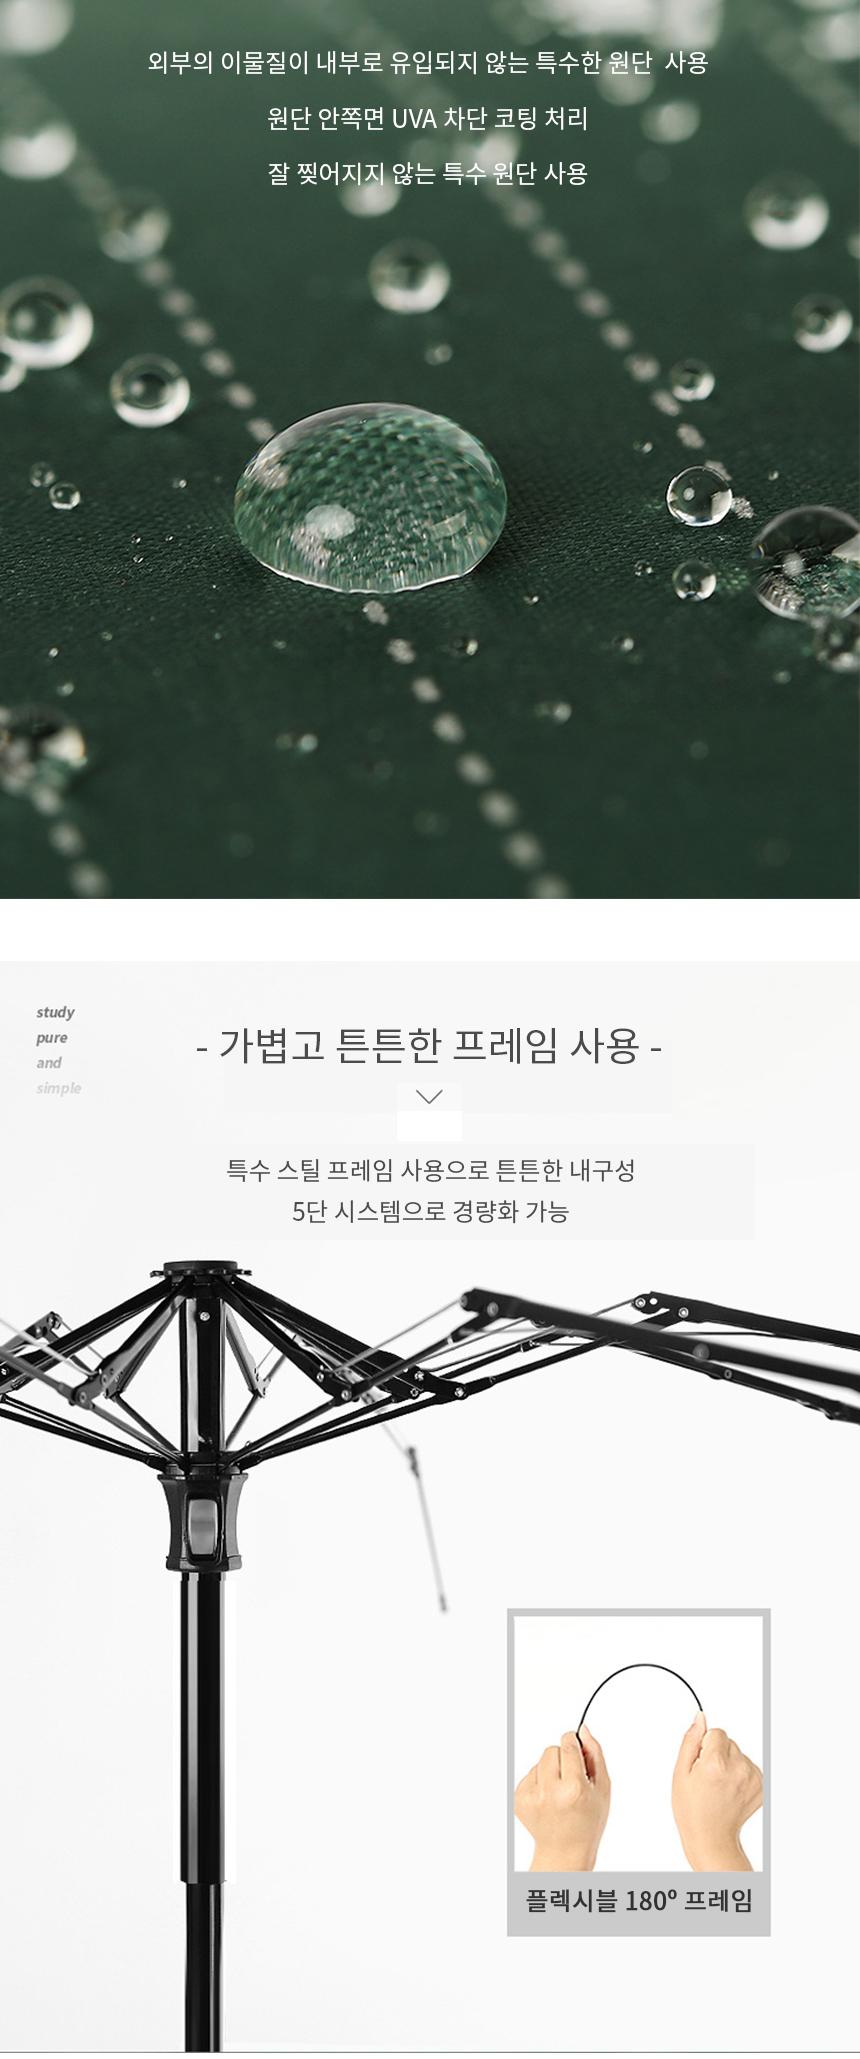 5단양산 자외선차단 우양산 미니 휴대용양산 - 슈와츠코리아, 12,000원, 양산, 양산